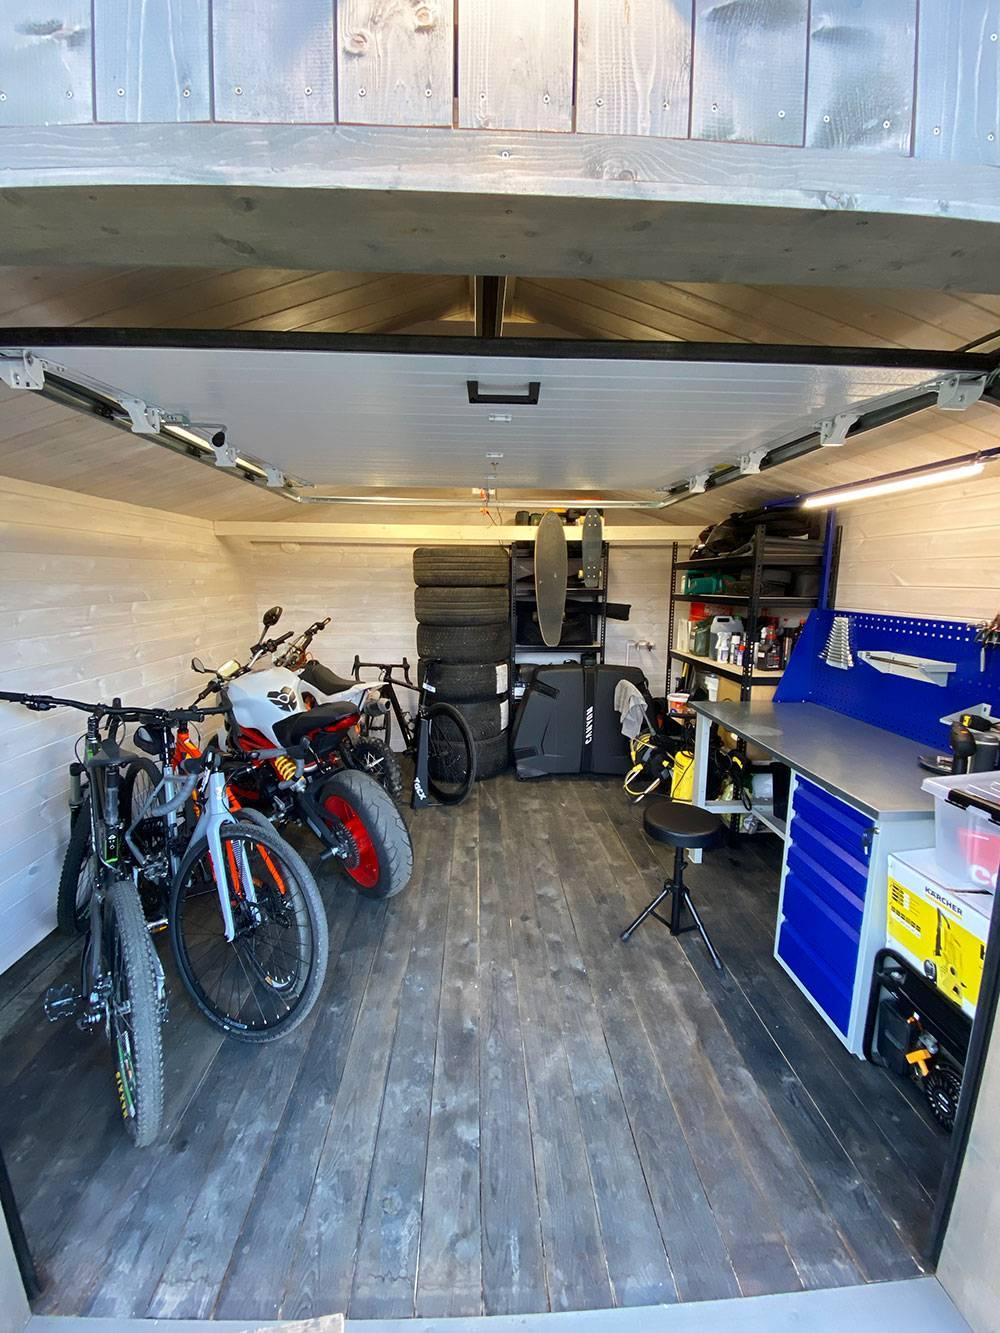 Вот так выглядит мой новый гараж с мотоциклами и не гоночными велосипедами